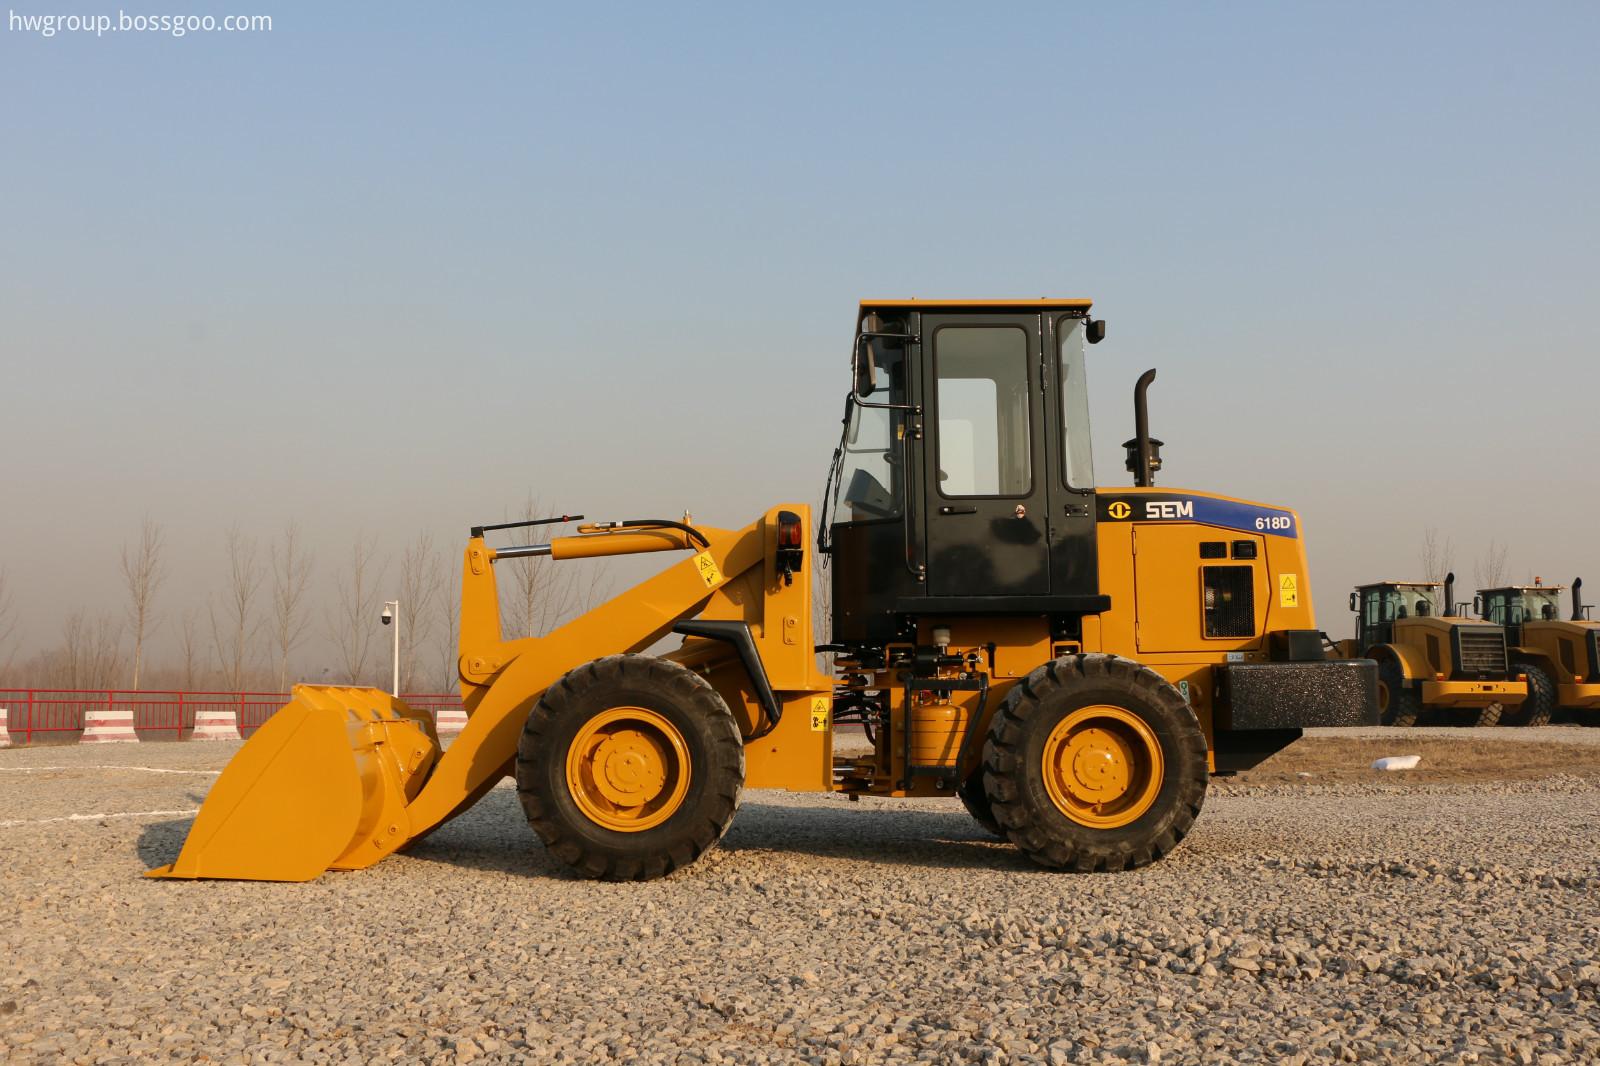 SEM618D wheel loader SIDE